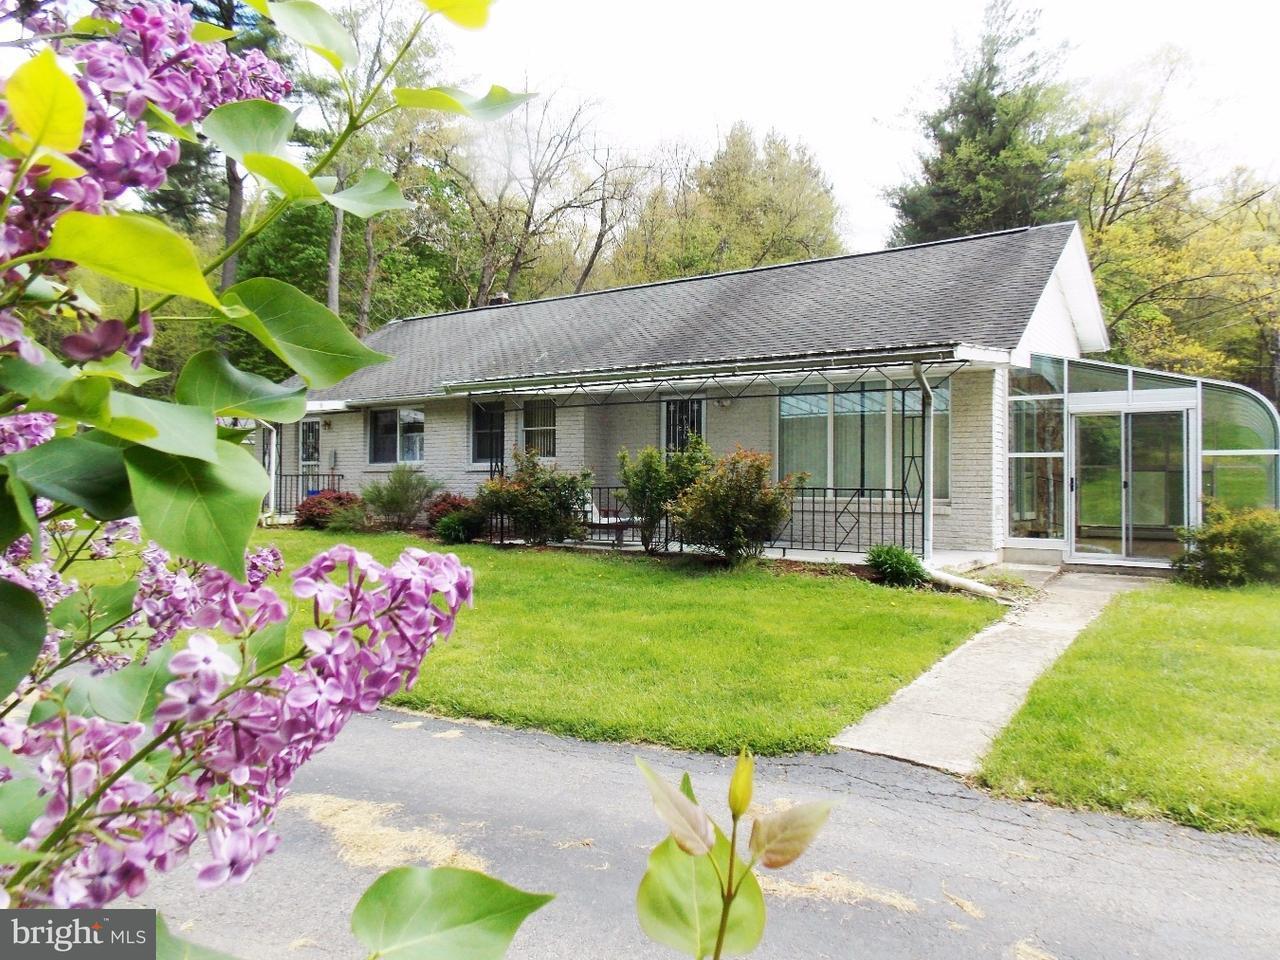 Частный односемейный дом для того Продажа на 926 LAUREL Street Jim Thorpe, Пенсильвания 18229 Соединенные Штаты